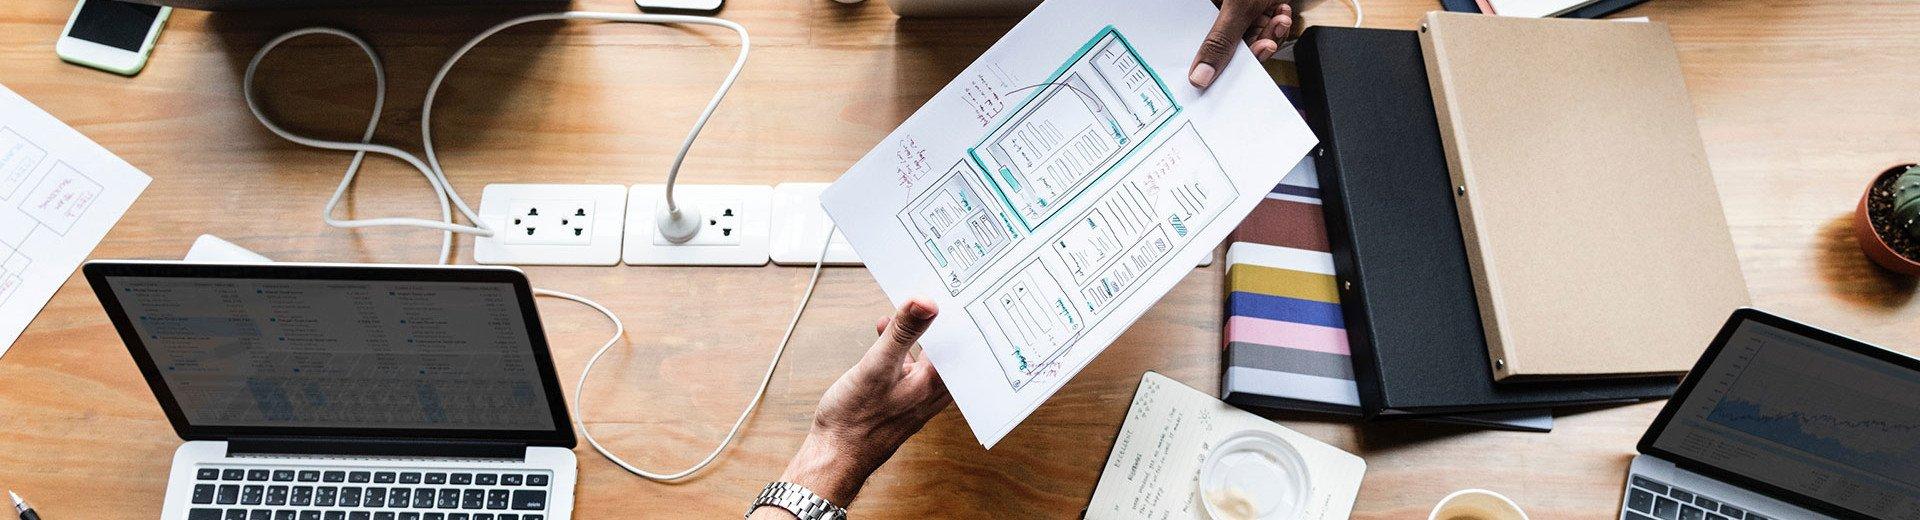 Okładka artykułu Skalowanie interfejsów z wykorzystaniem design systemów — Jak z tego rozwiązania korzystają największe firmy?